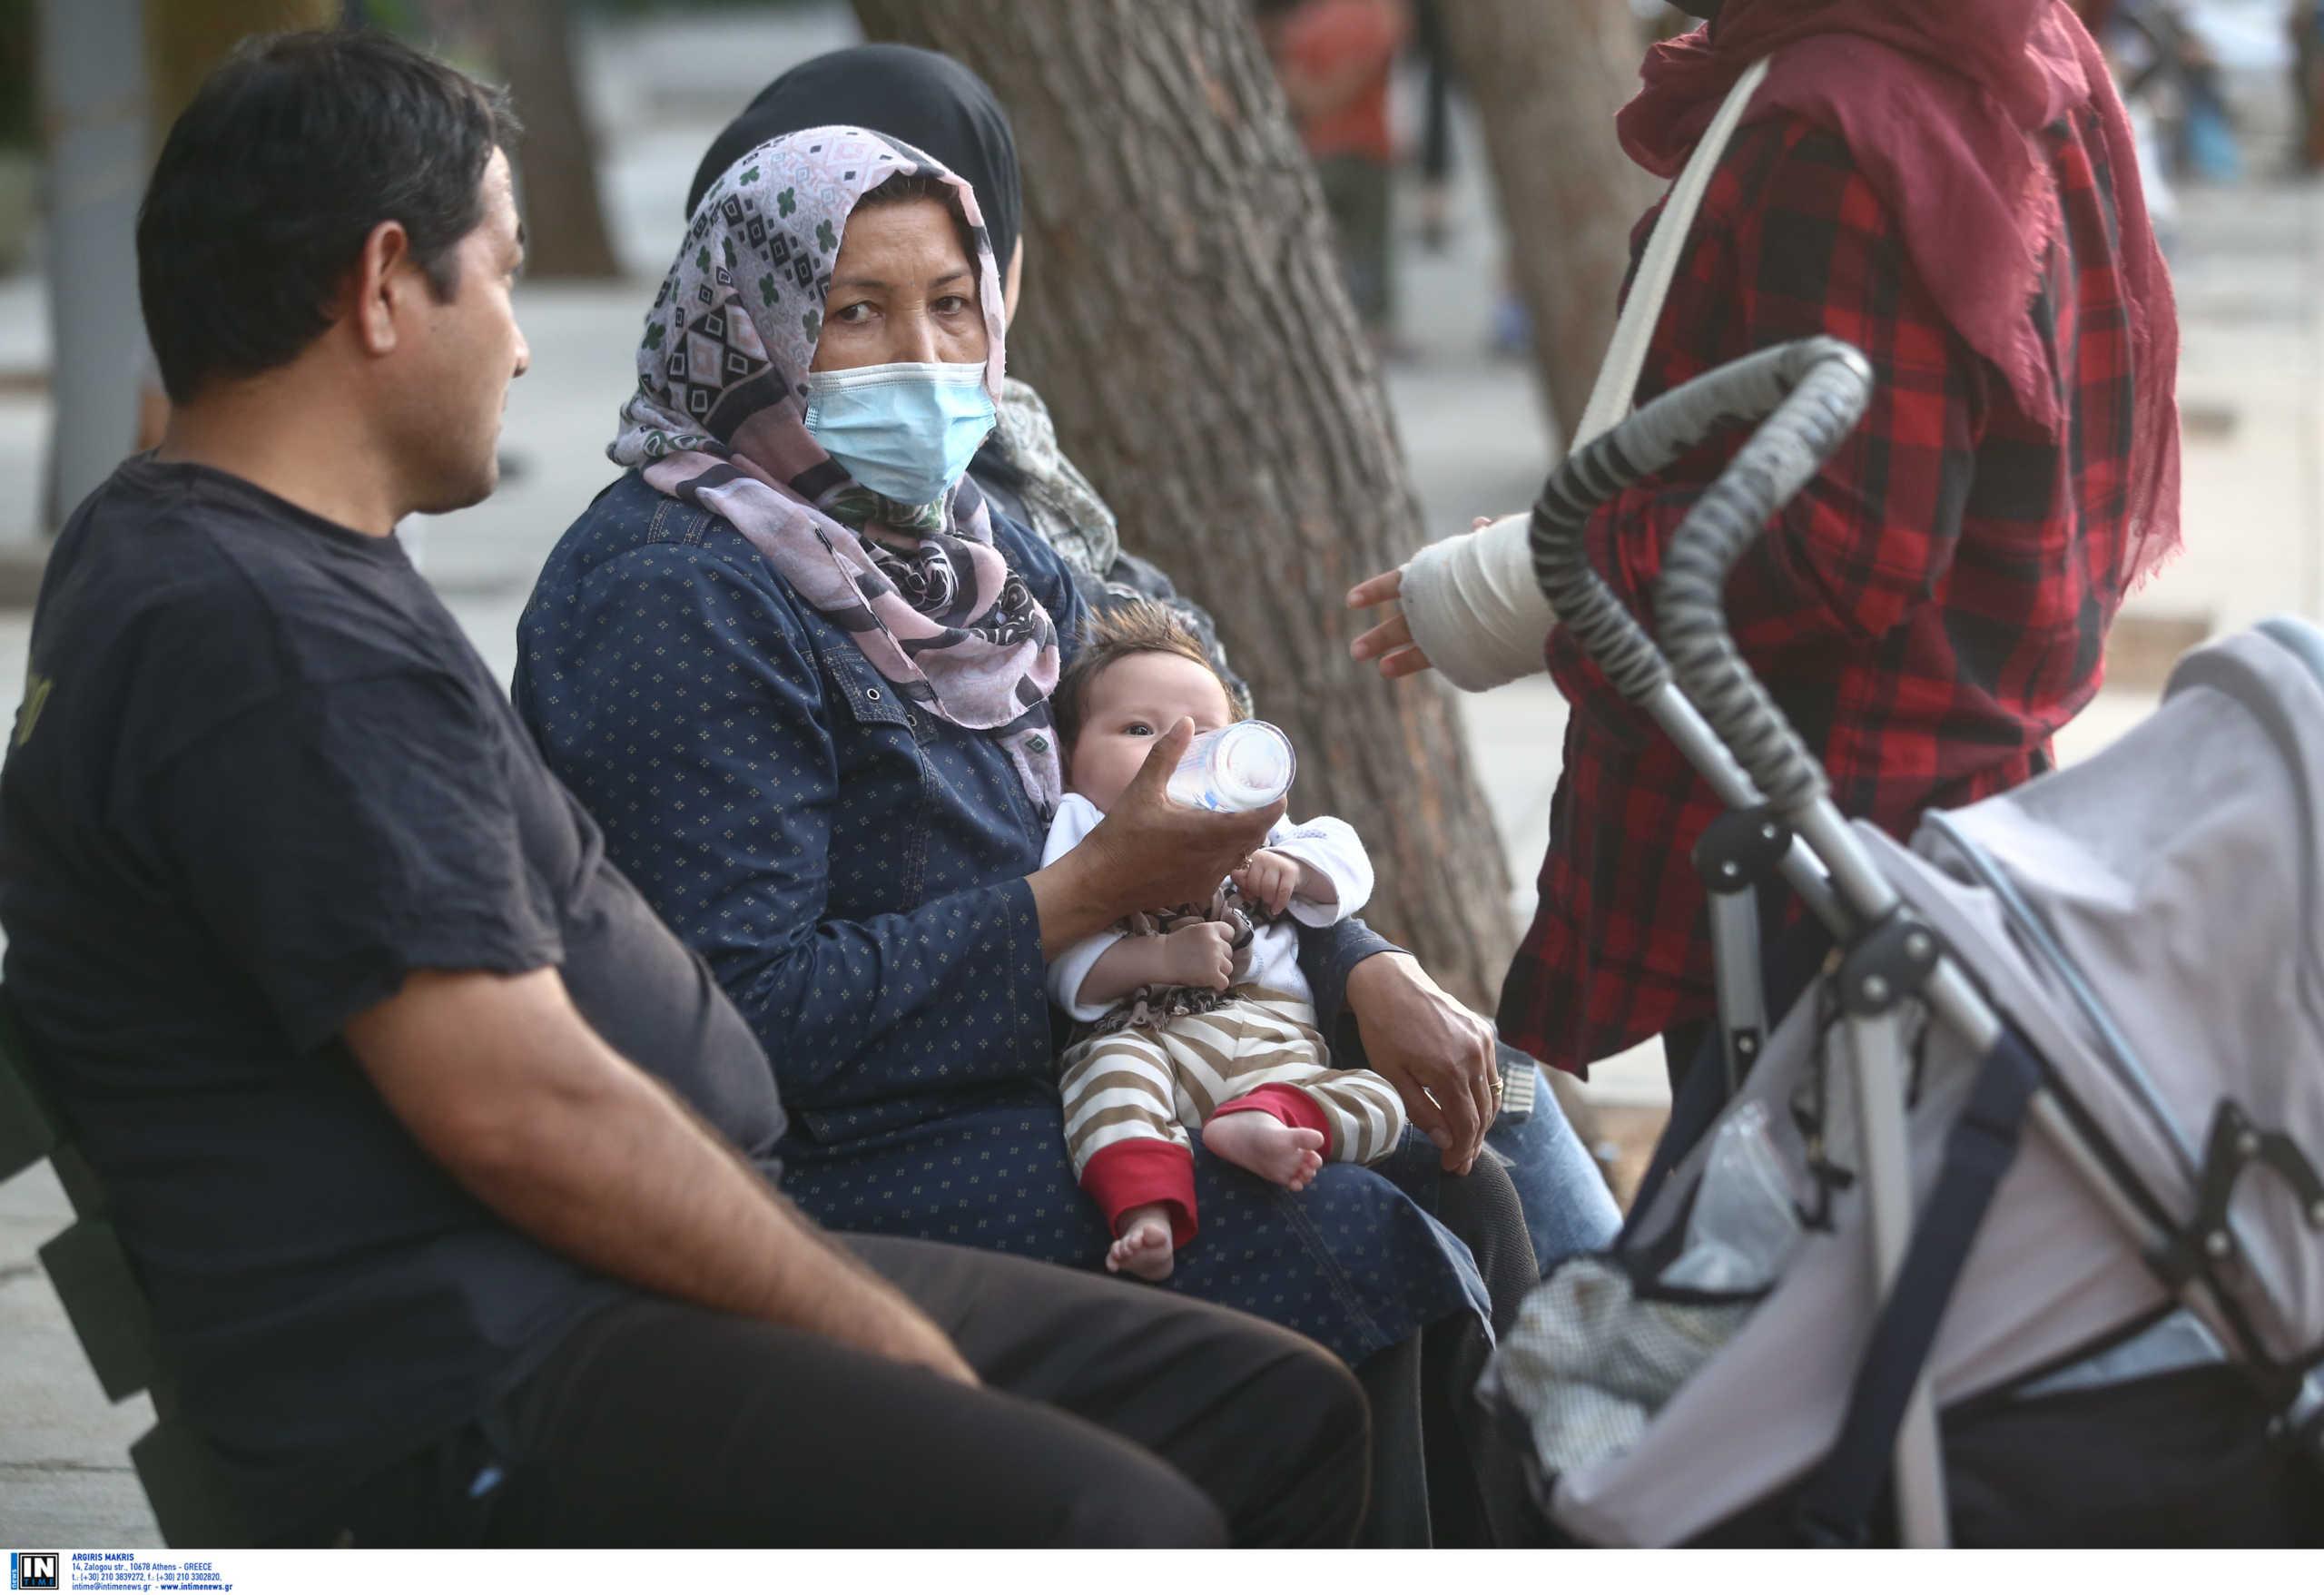 Δήμος Αθηναίων: Εκστρατεία ενημέρωσης σε μετανάστες και πρόσφυγες για τον κορονοϊό